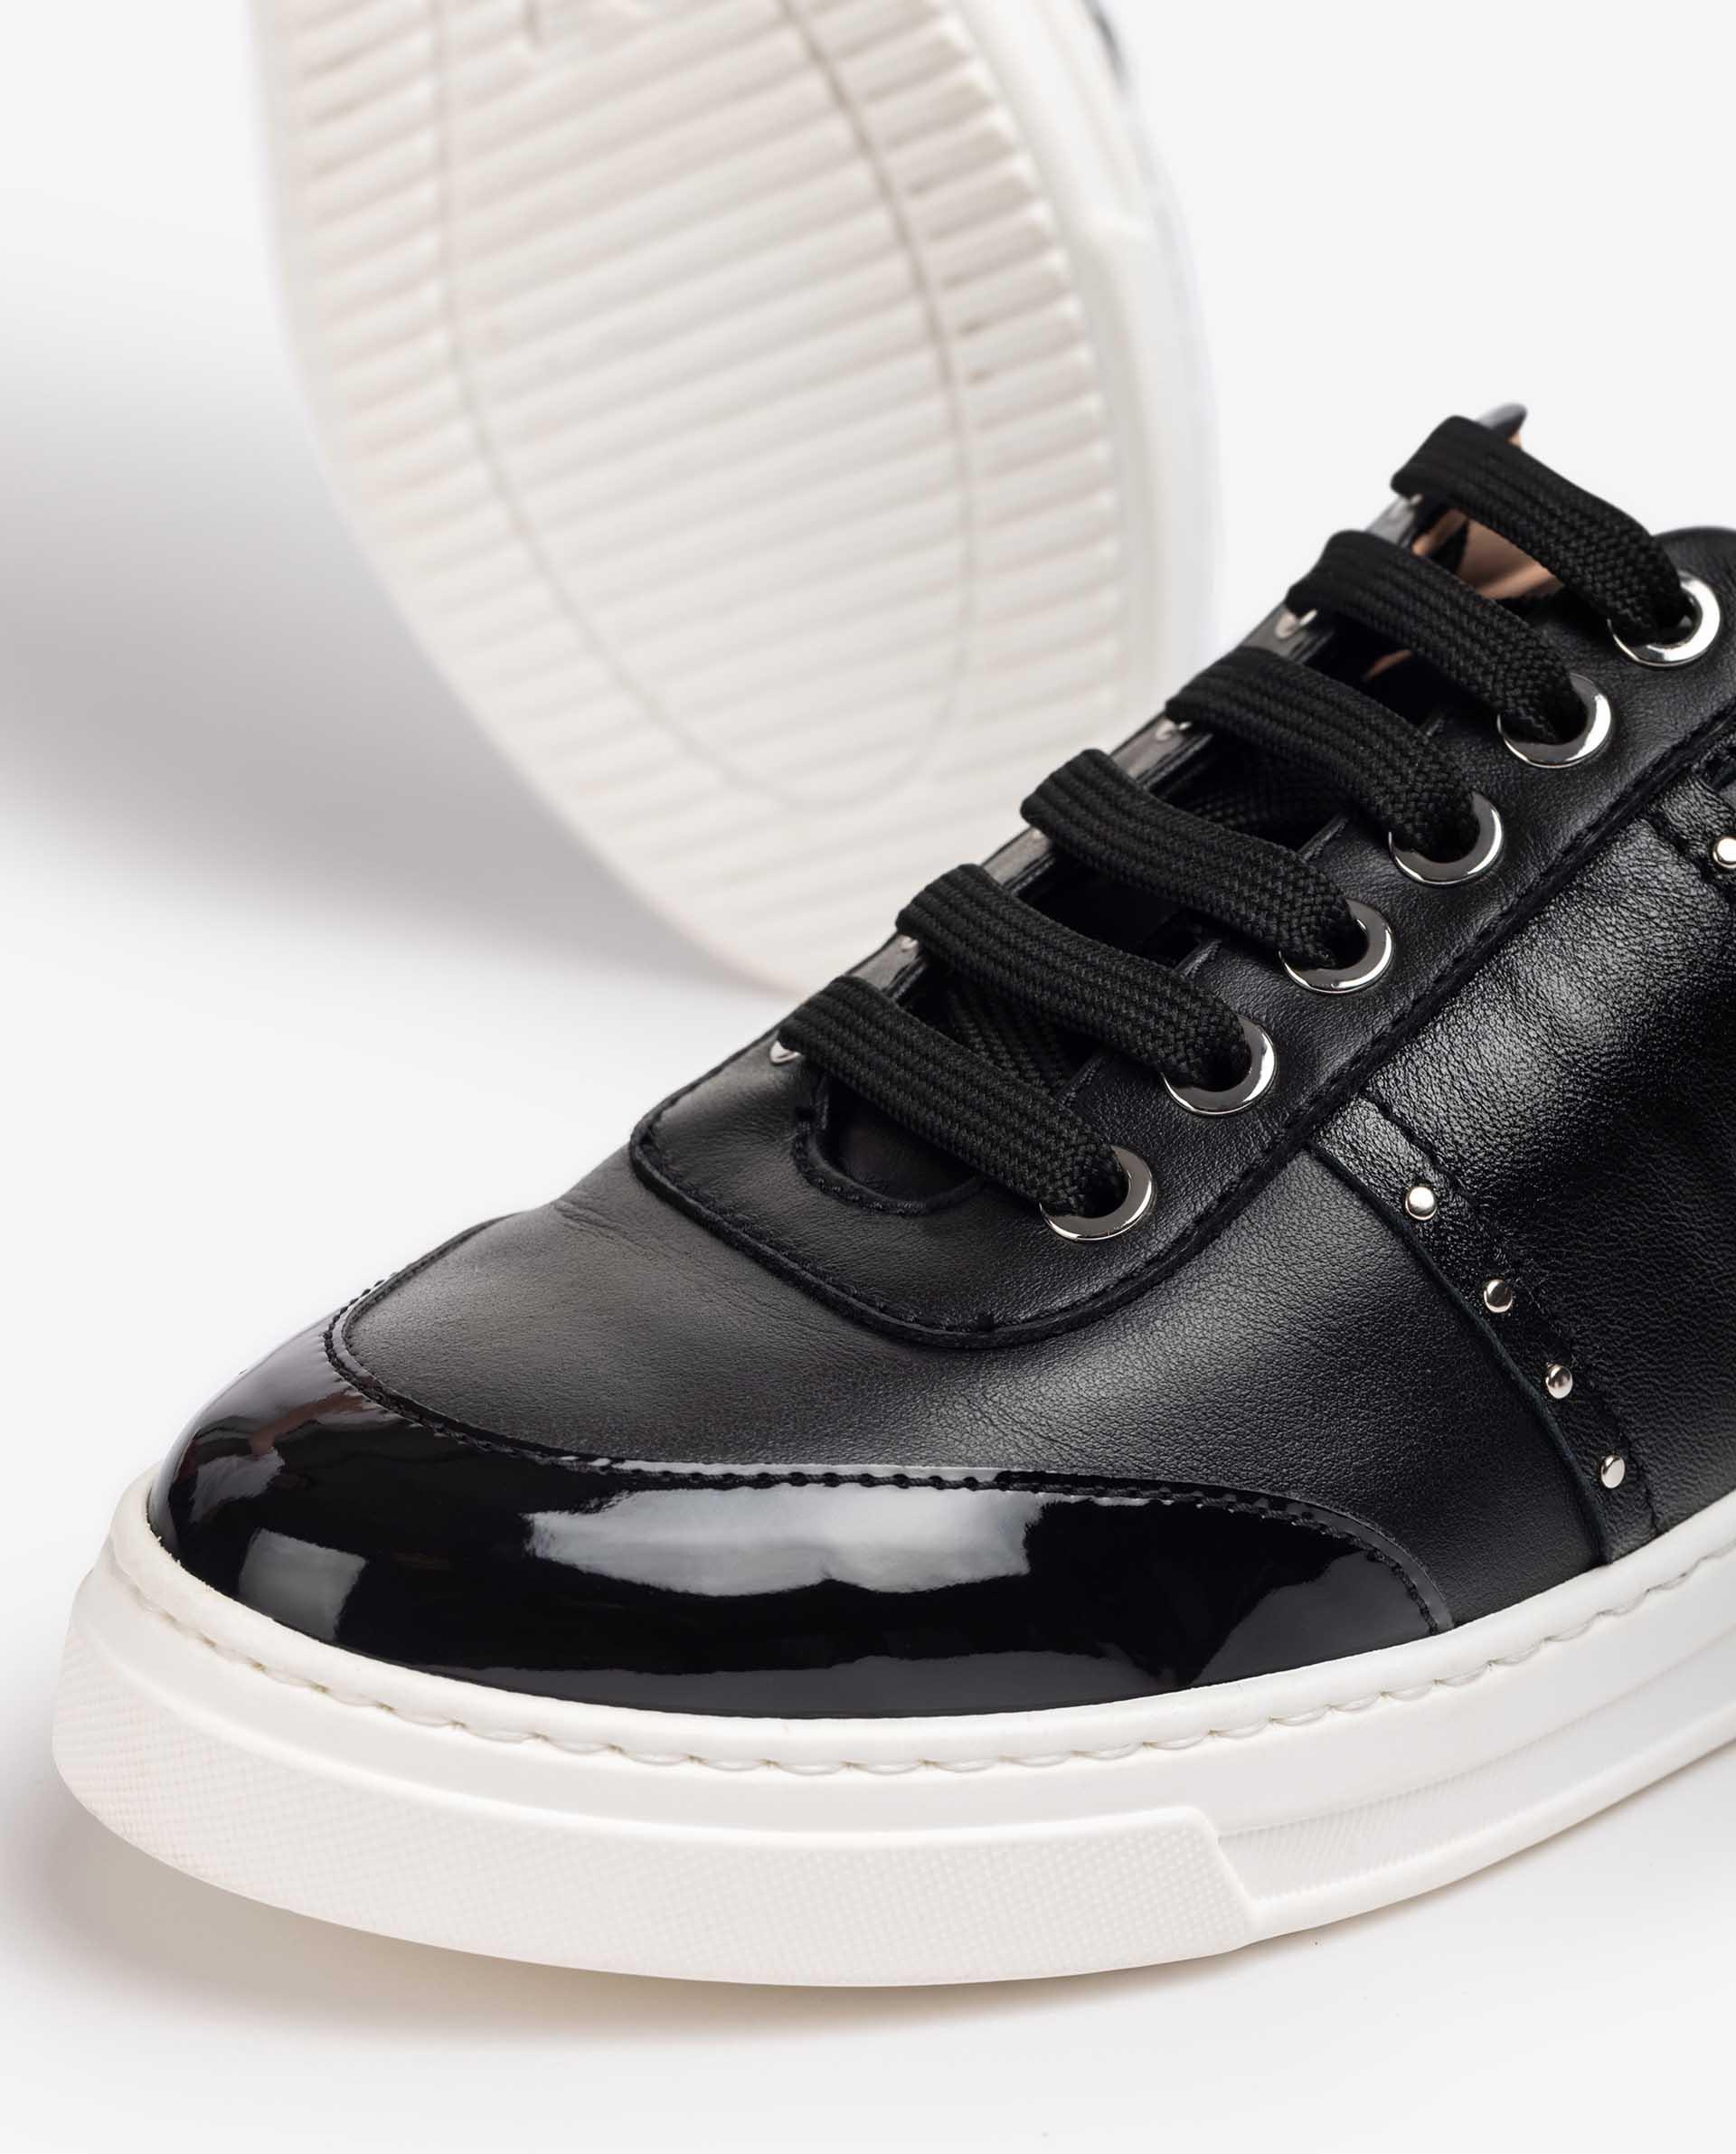 UNISA Sneaker aus Glatt- und Lackleder mit Schnürung FILFO_NF 5